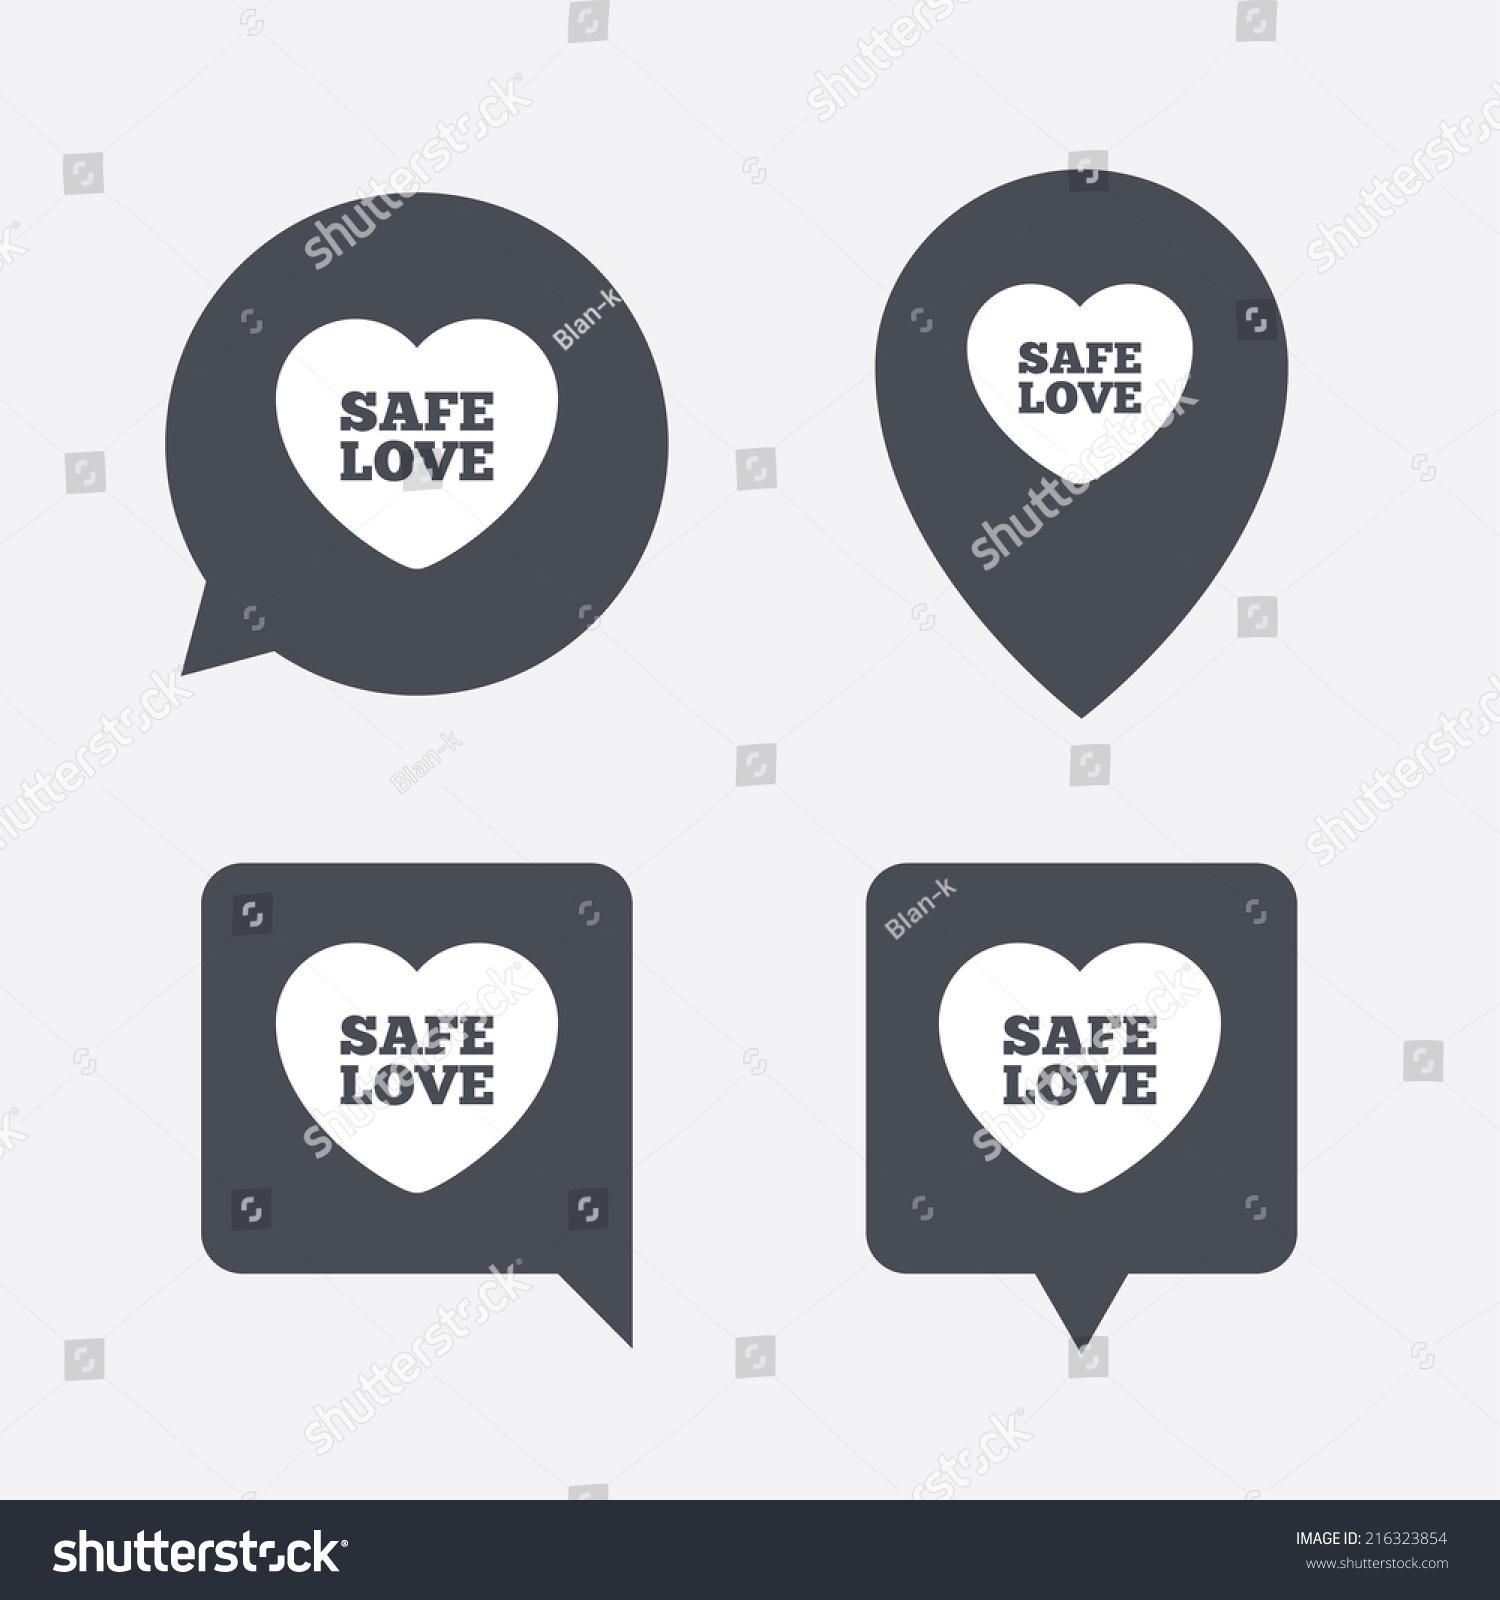 Information on safe sex